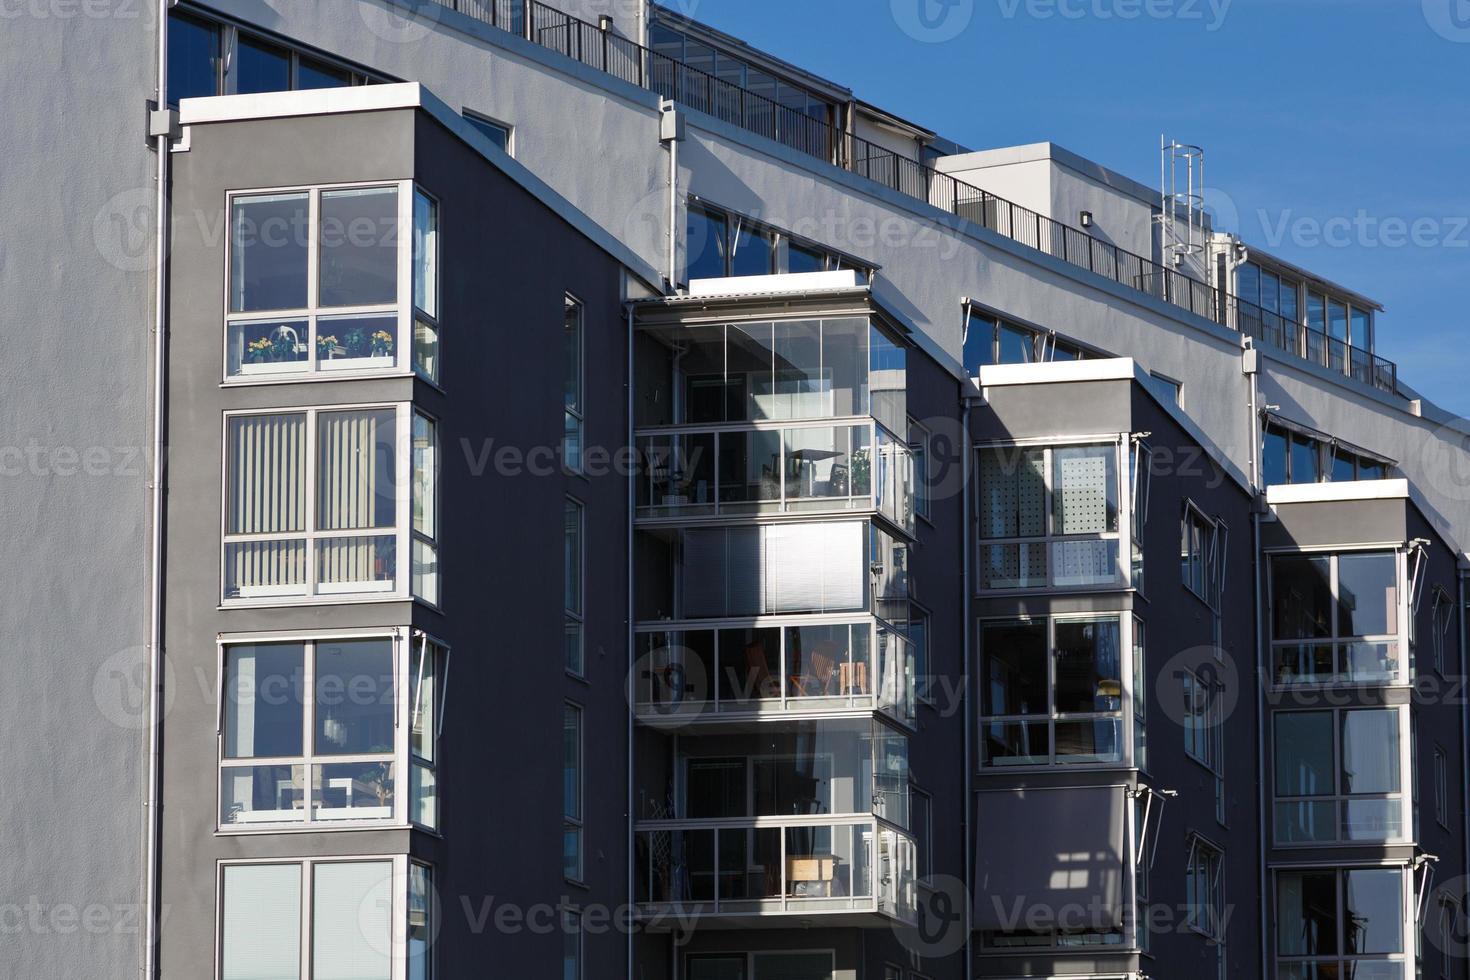 appartamento moderno in città vasteras, svezia. foto